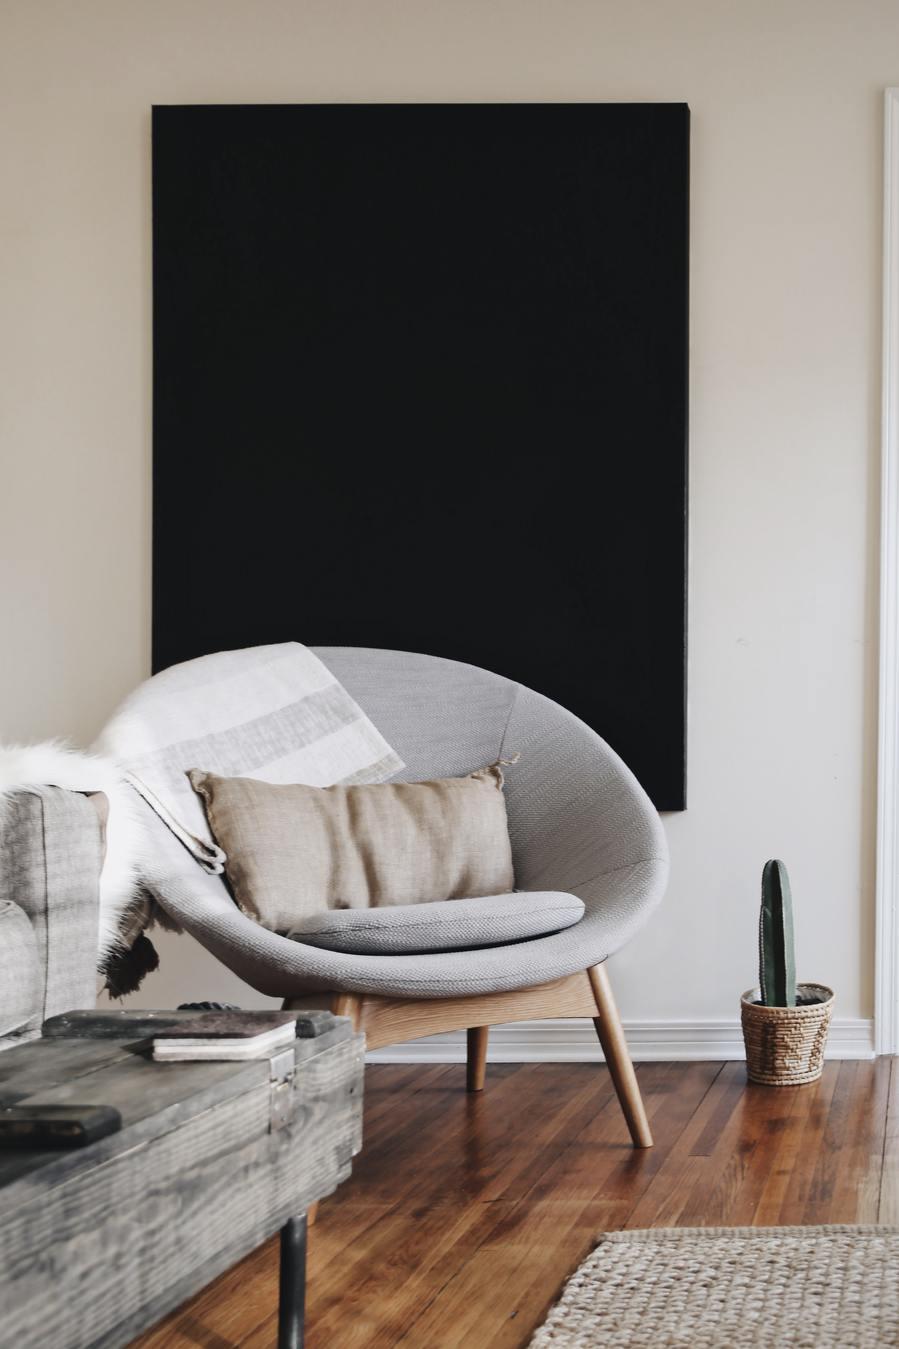 Kursi santai di ruang keluarga